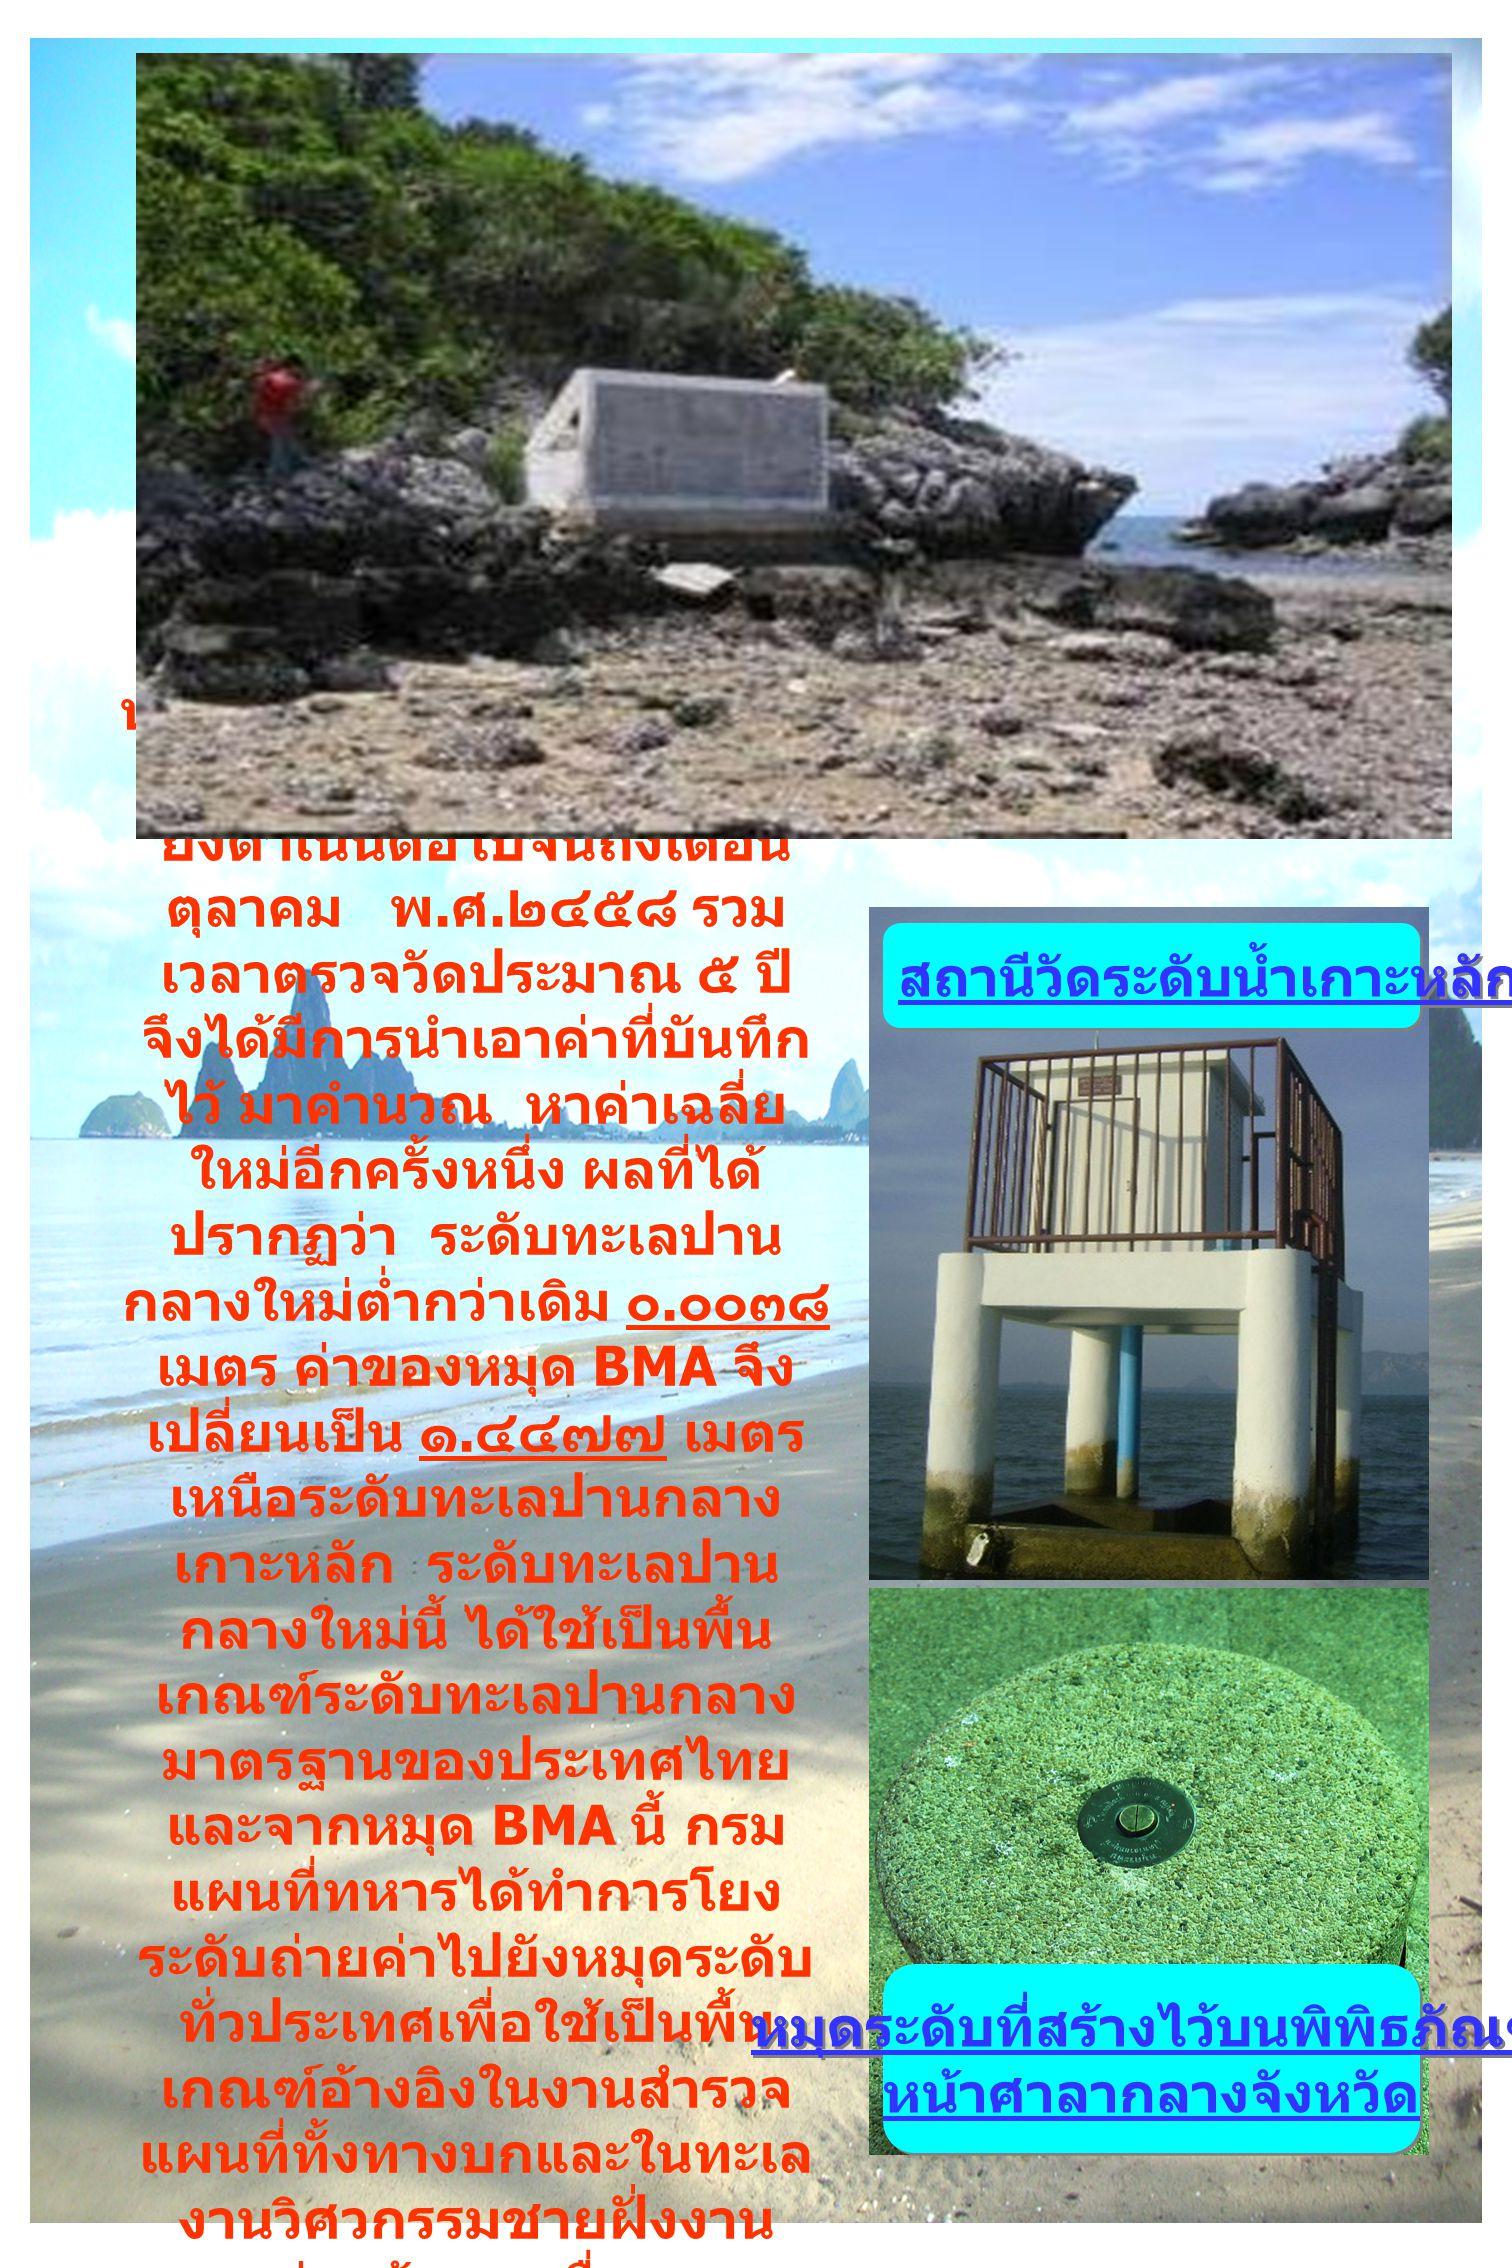 กำเนิดพื้นเกณฑ์ระดับทะเล ปานกลางมาตรฐานของประ ทศไทย หลังจากจัดทำหมุด BMA แล้ว การตรวจระดับน้ำที่เกาะหลัก ยังดำเนินต่อไปจนถึงเดือน ตุลาคม พ.